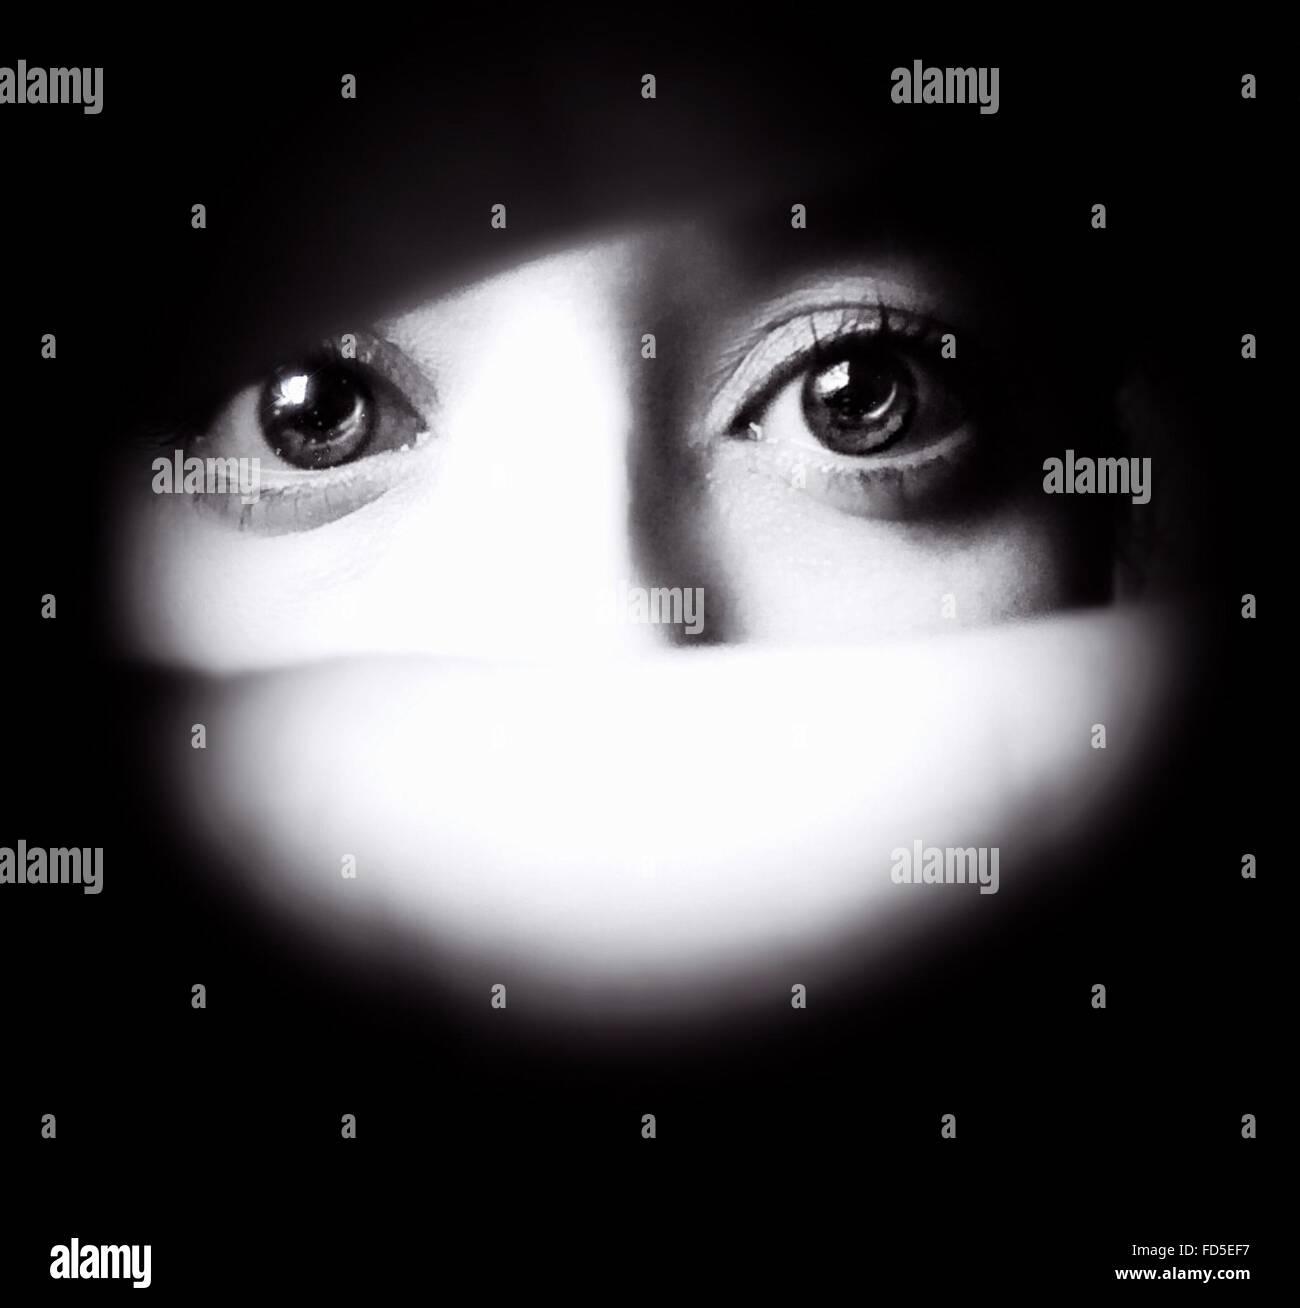 Dettaglio degli occhi umani Immagini Stock